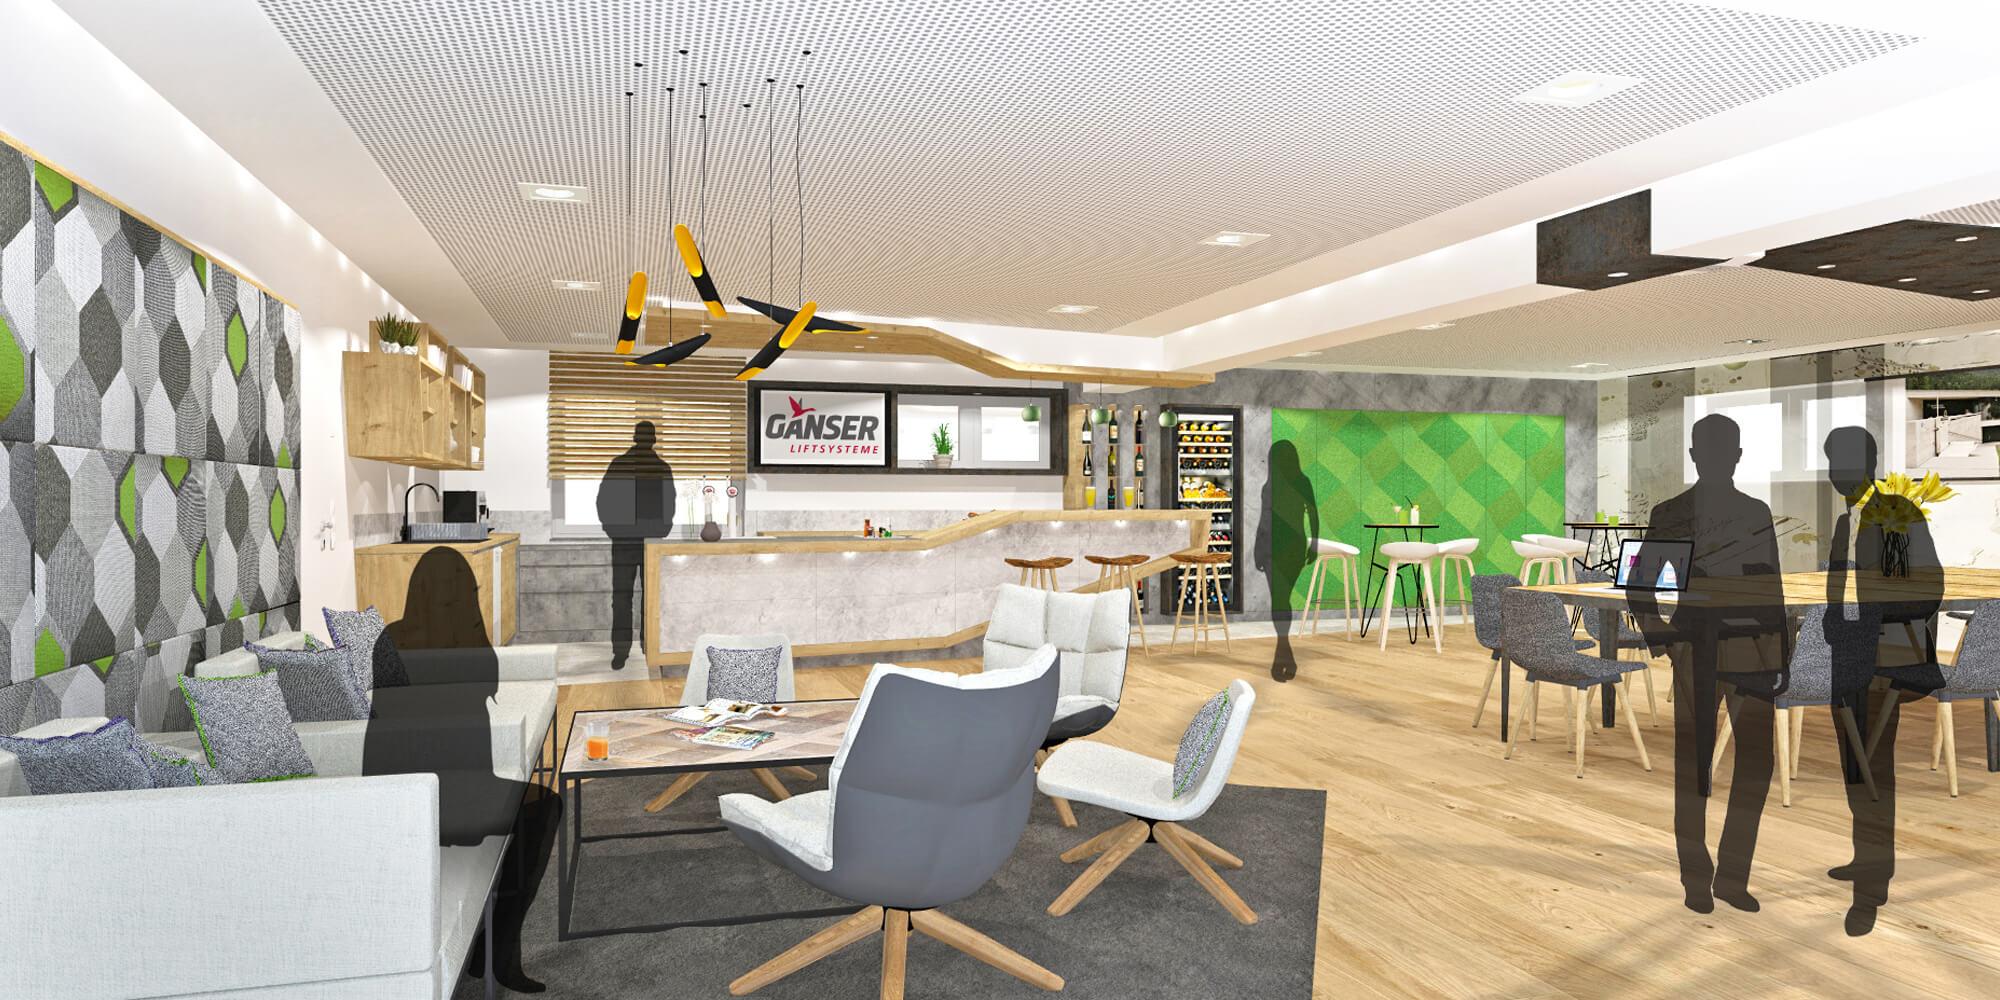 Cre-Plan-Design-Rauch-Frühmann-Architektur-Innenarchitektur-Design-Projekt-Referenz-Innenarchitektur-Möbeldesign-Einrichtung-Firma-Ganser-Seminarraum-4